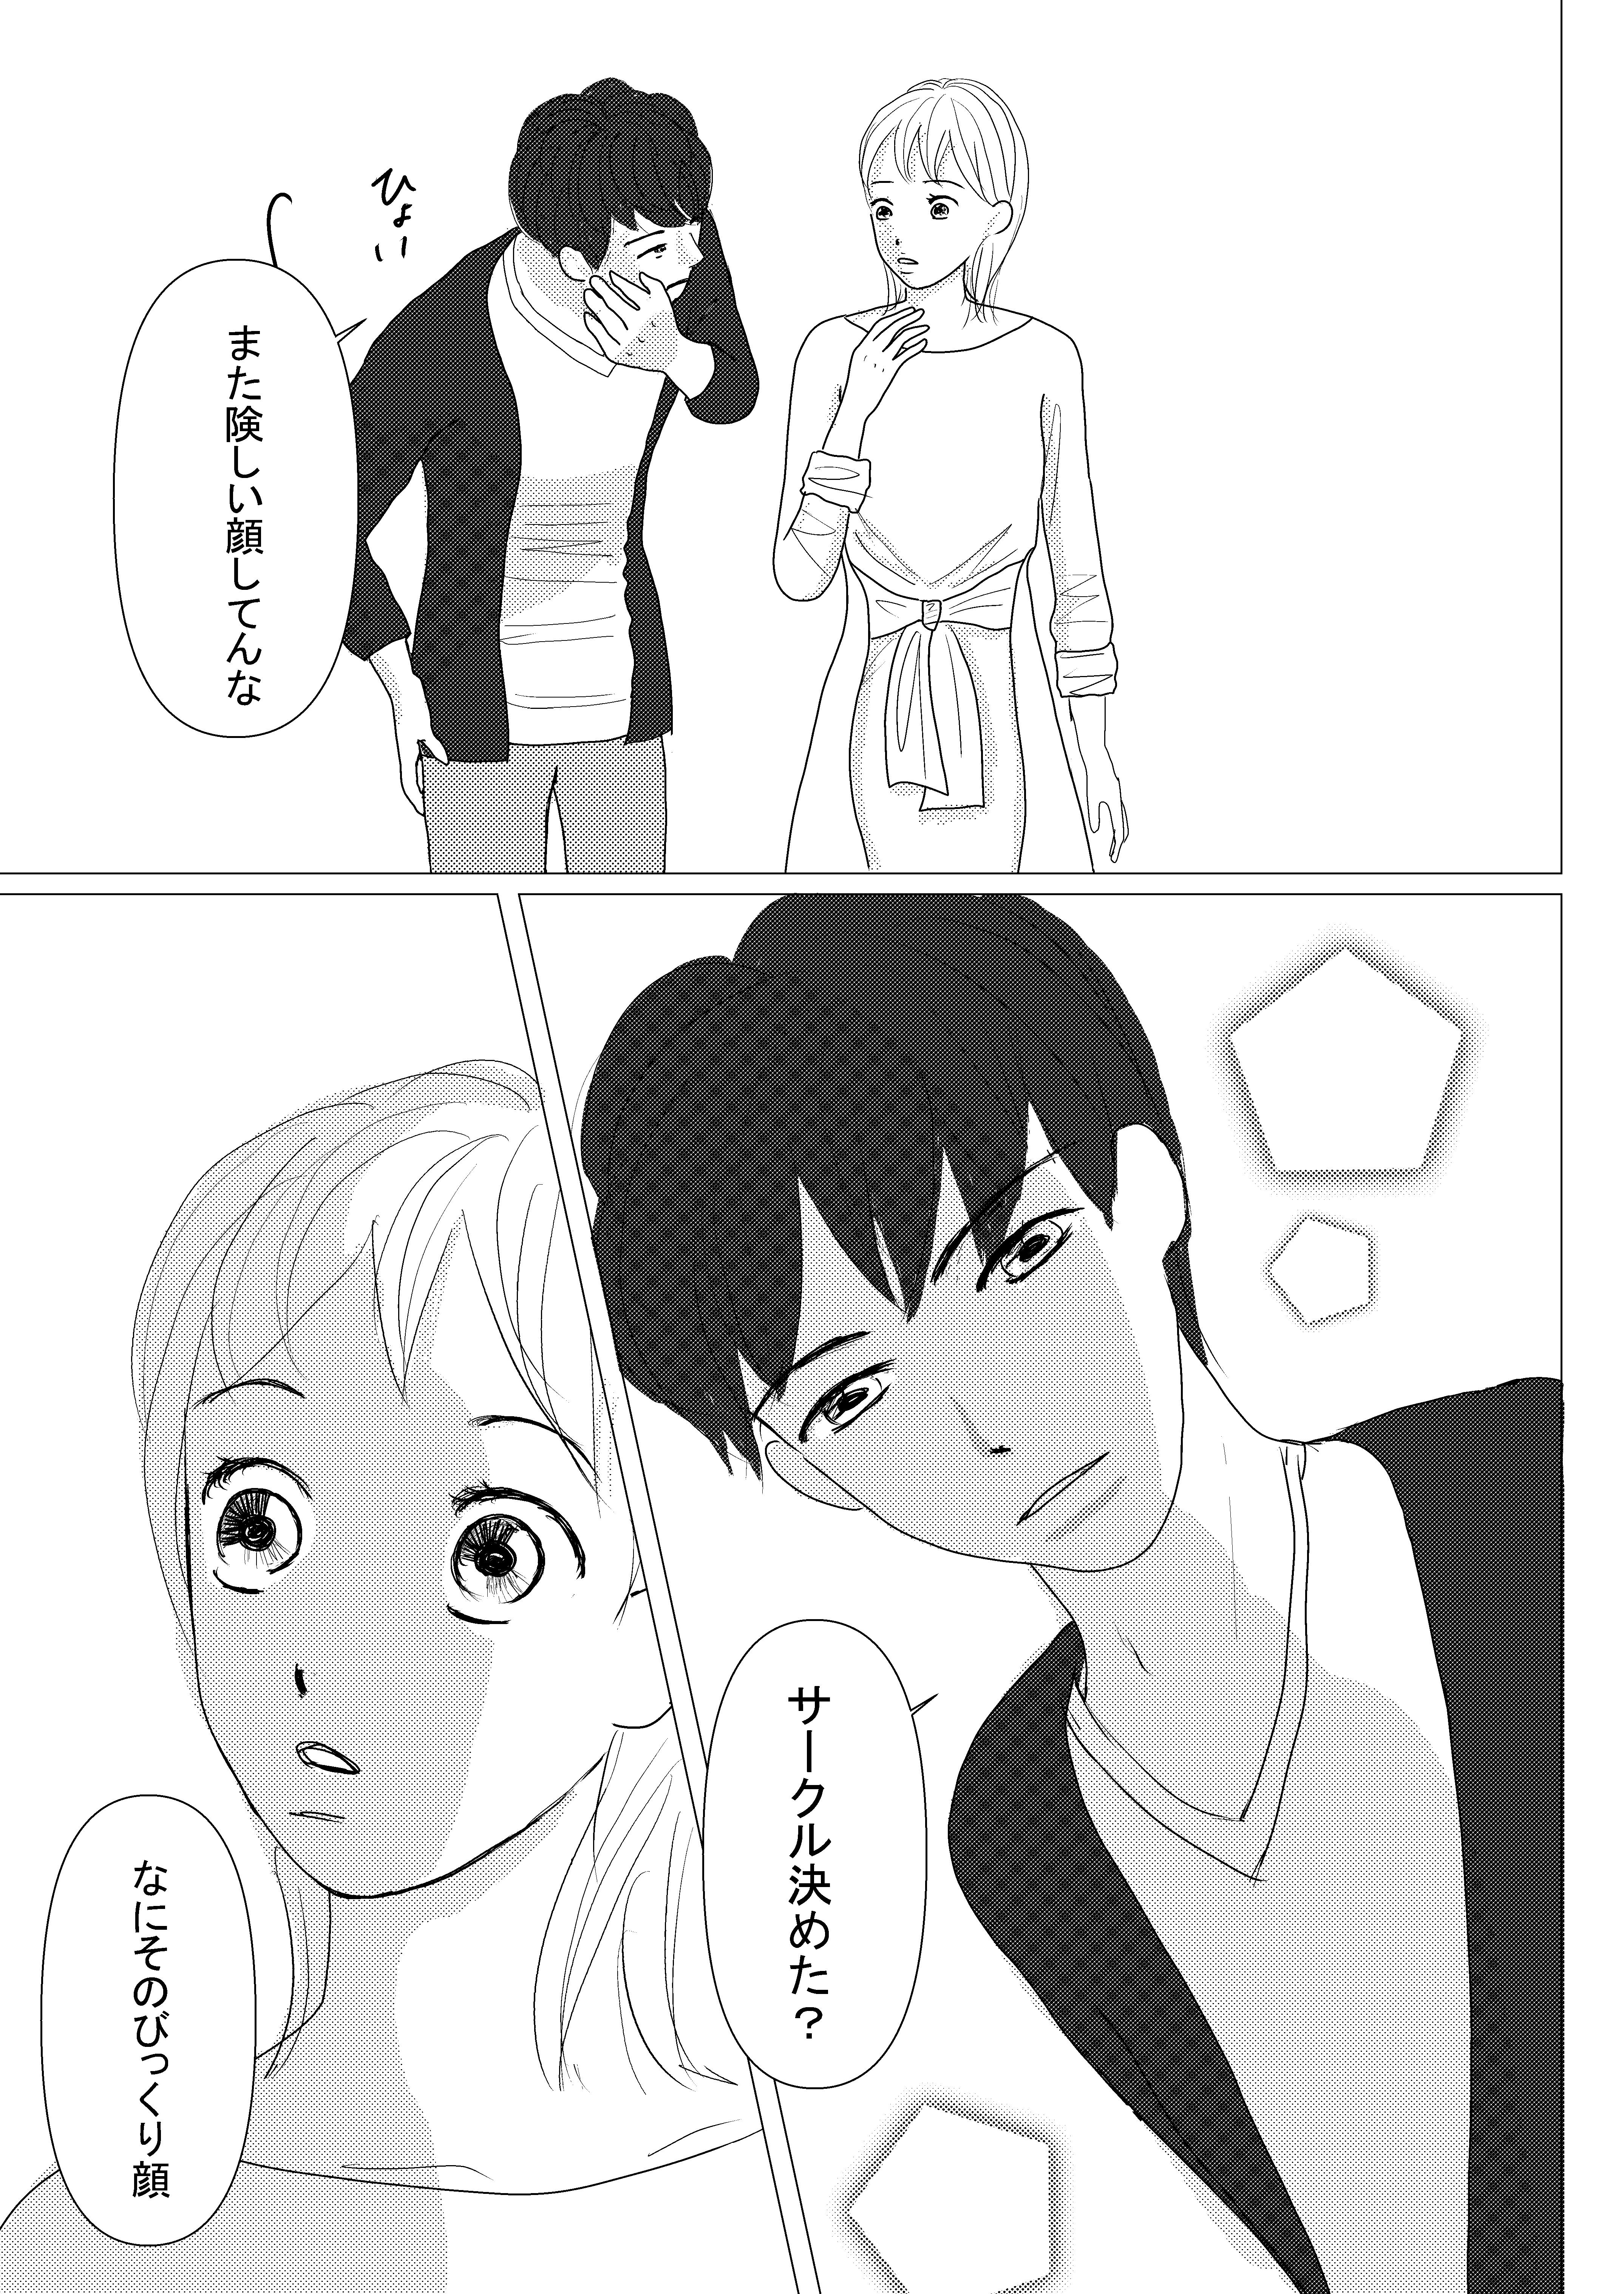 恋愛漫画/大学生/社会人/大学生で初めて付き合う/shoujyo manga/米加夢/33ページ